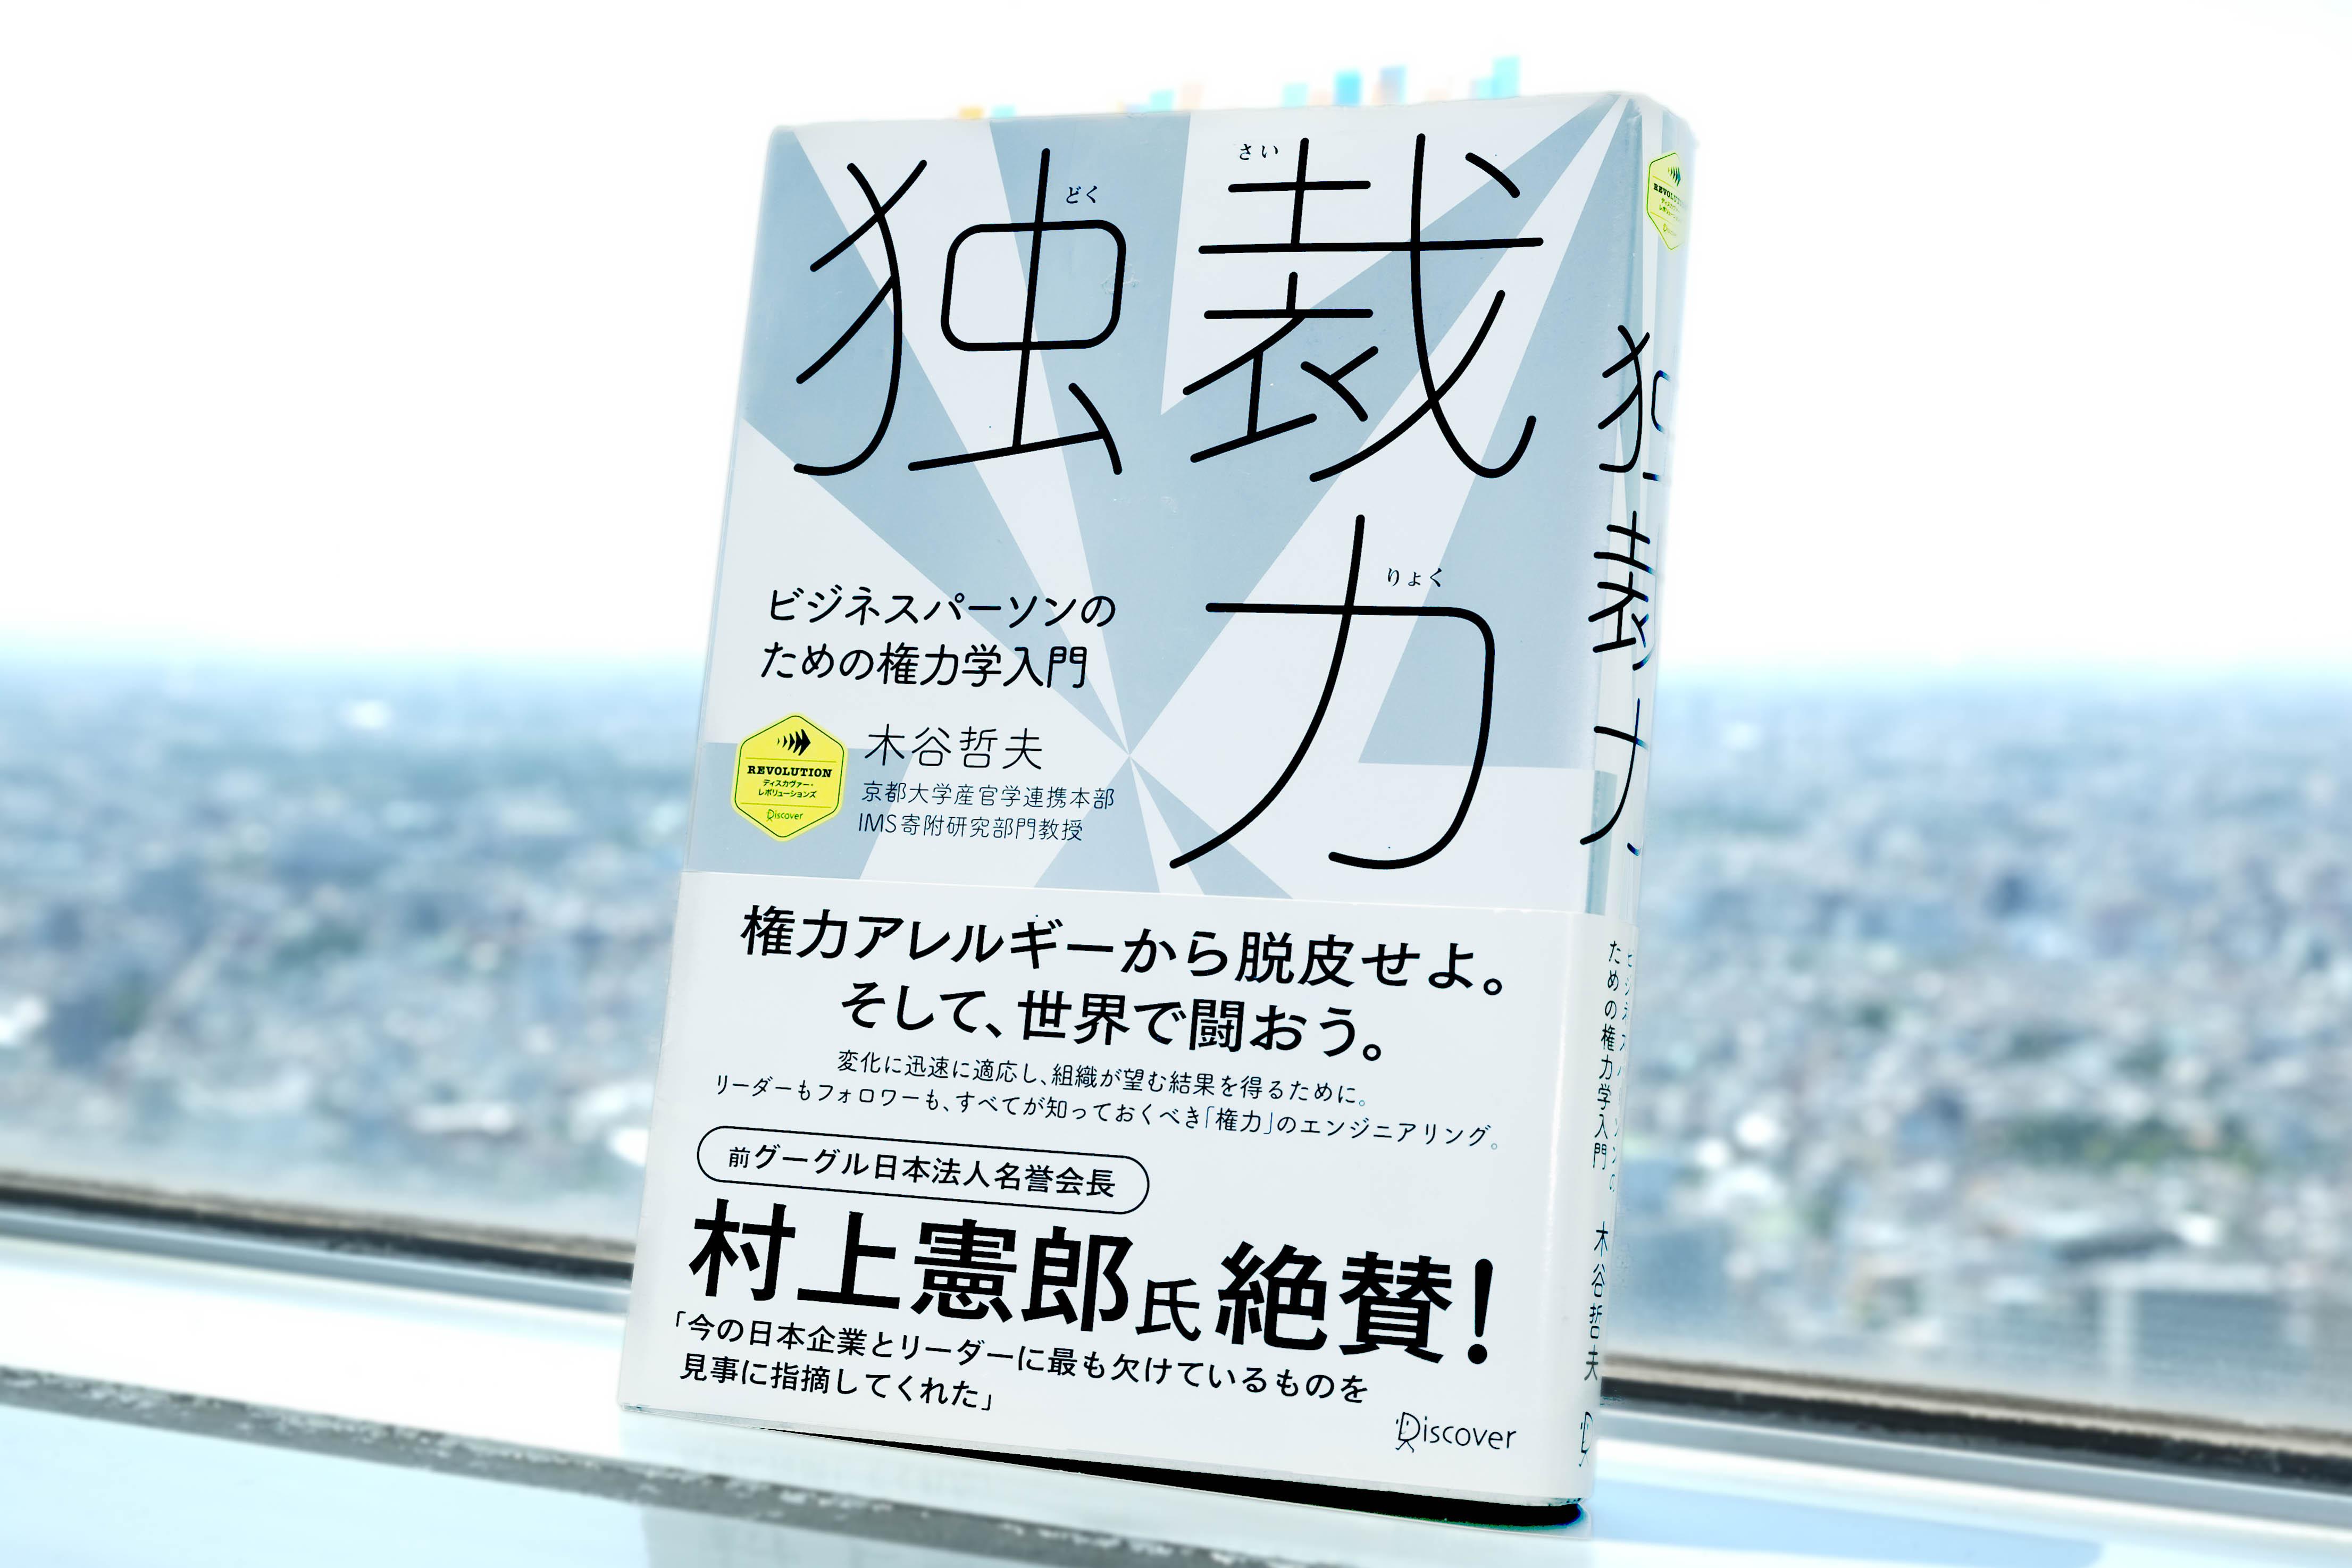 【読書感想】独裁力 ビジネスパーソンのための権力学入門 / 木谷哲夫